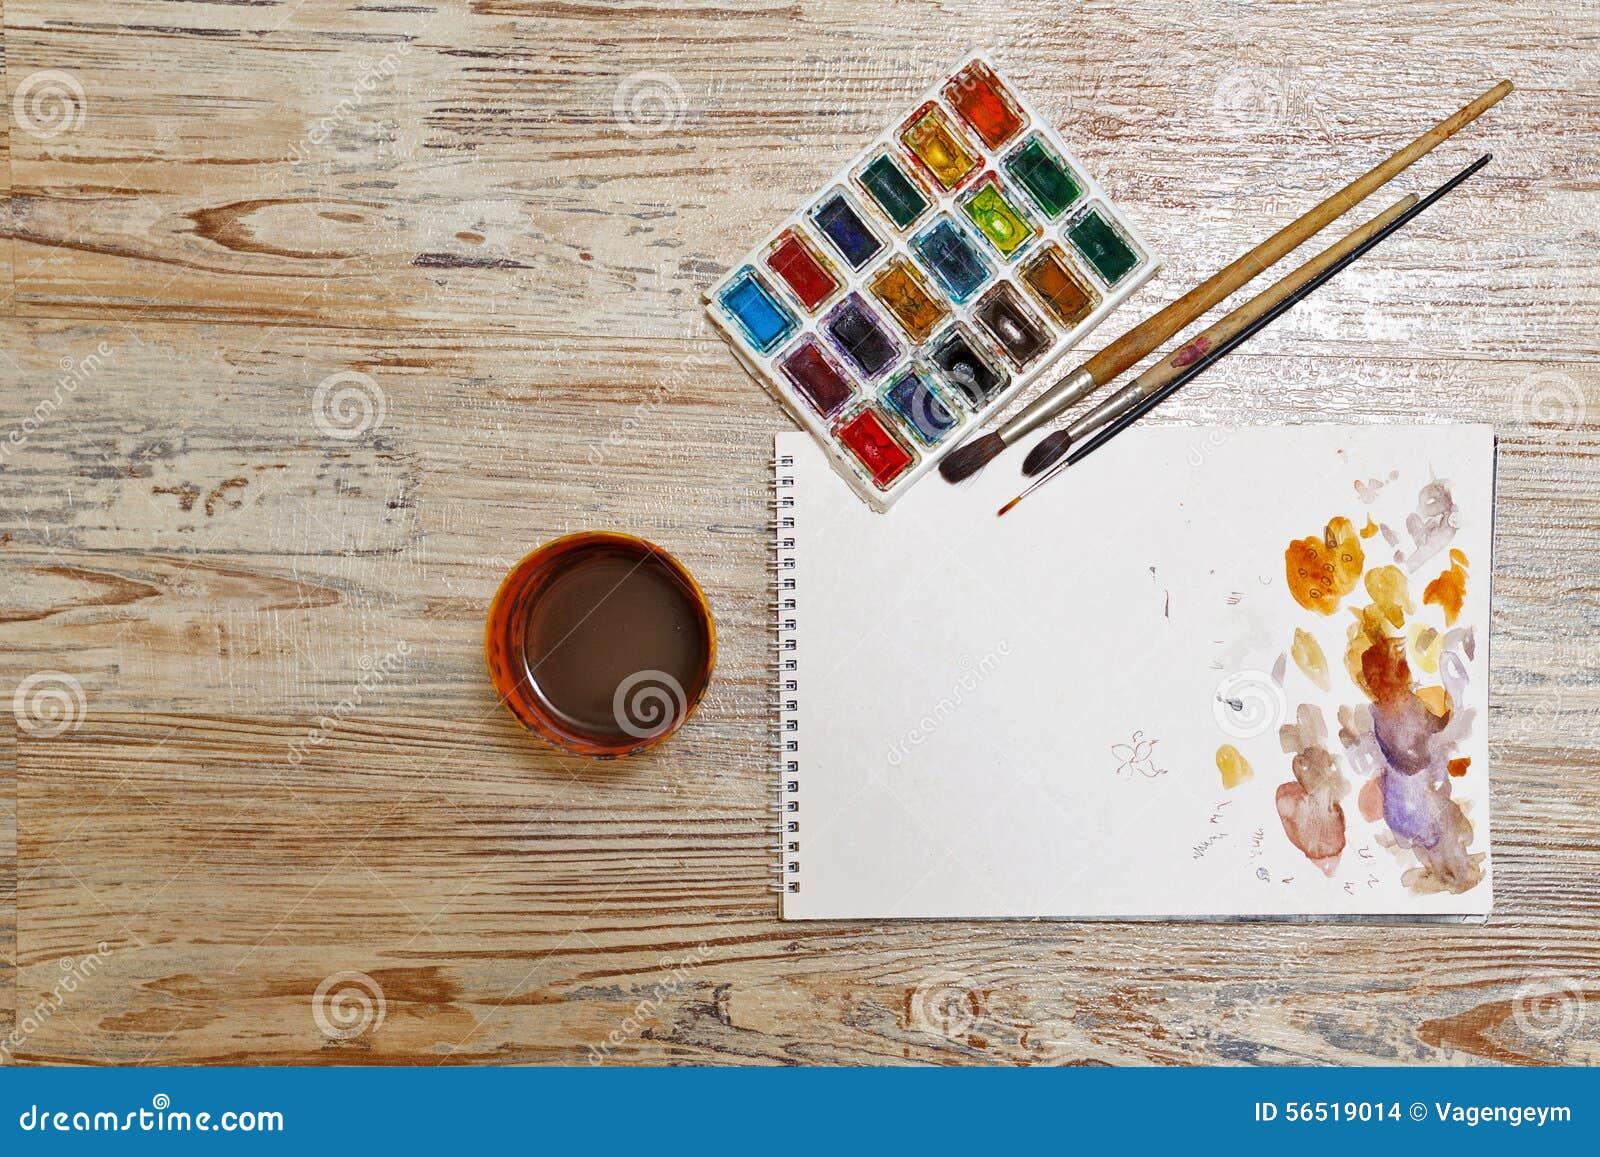 painter clip art